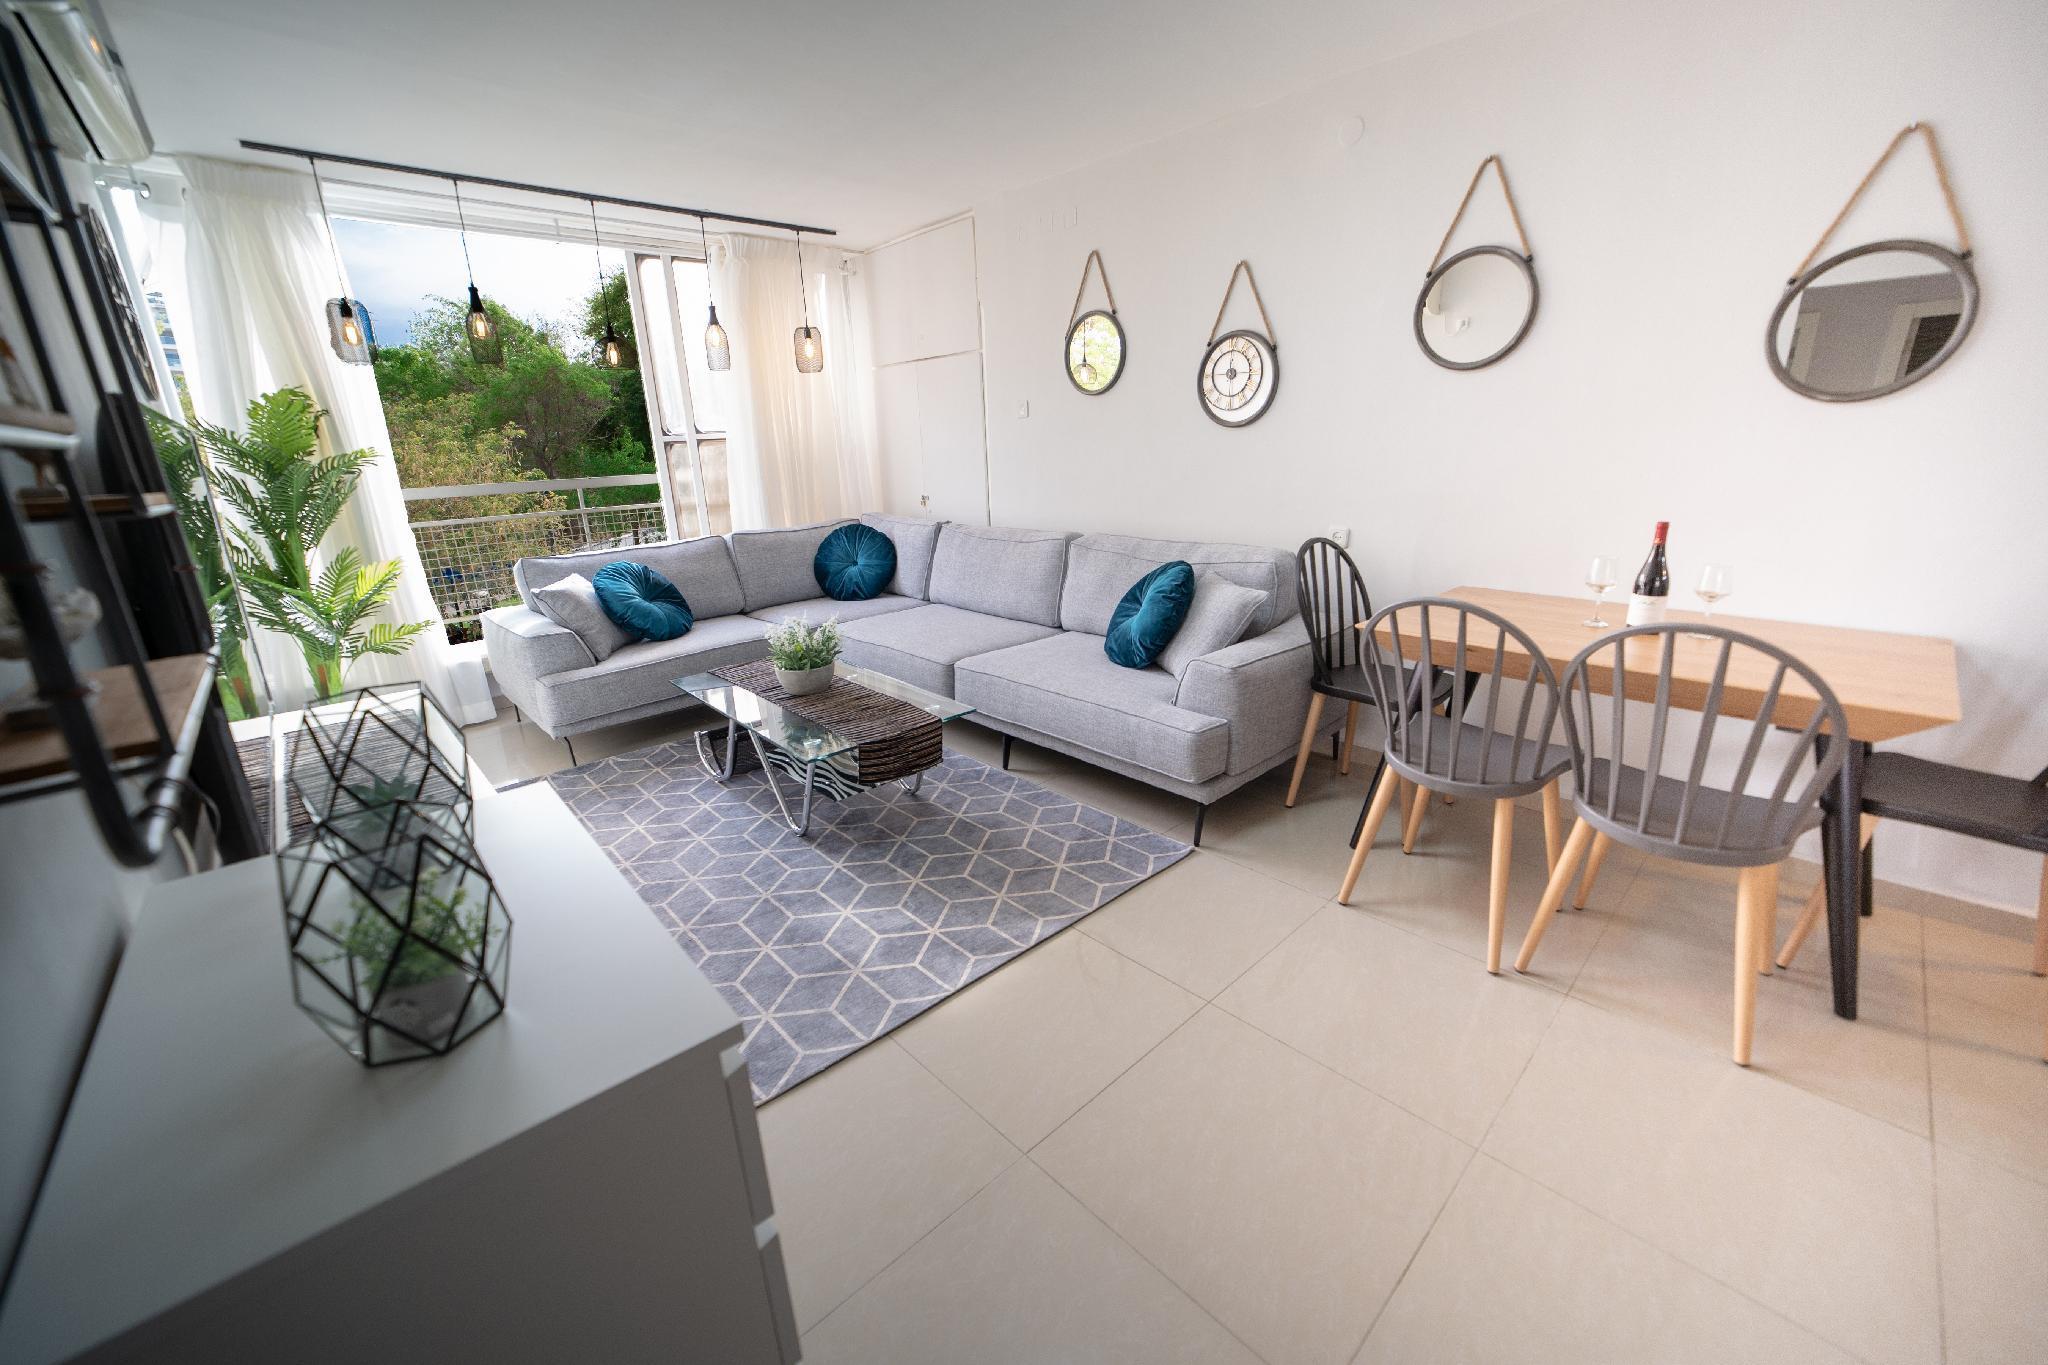 Designed Amazing 3BR Apartment